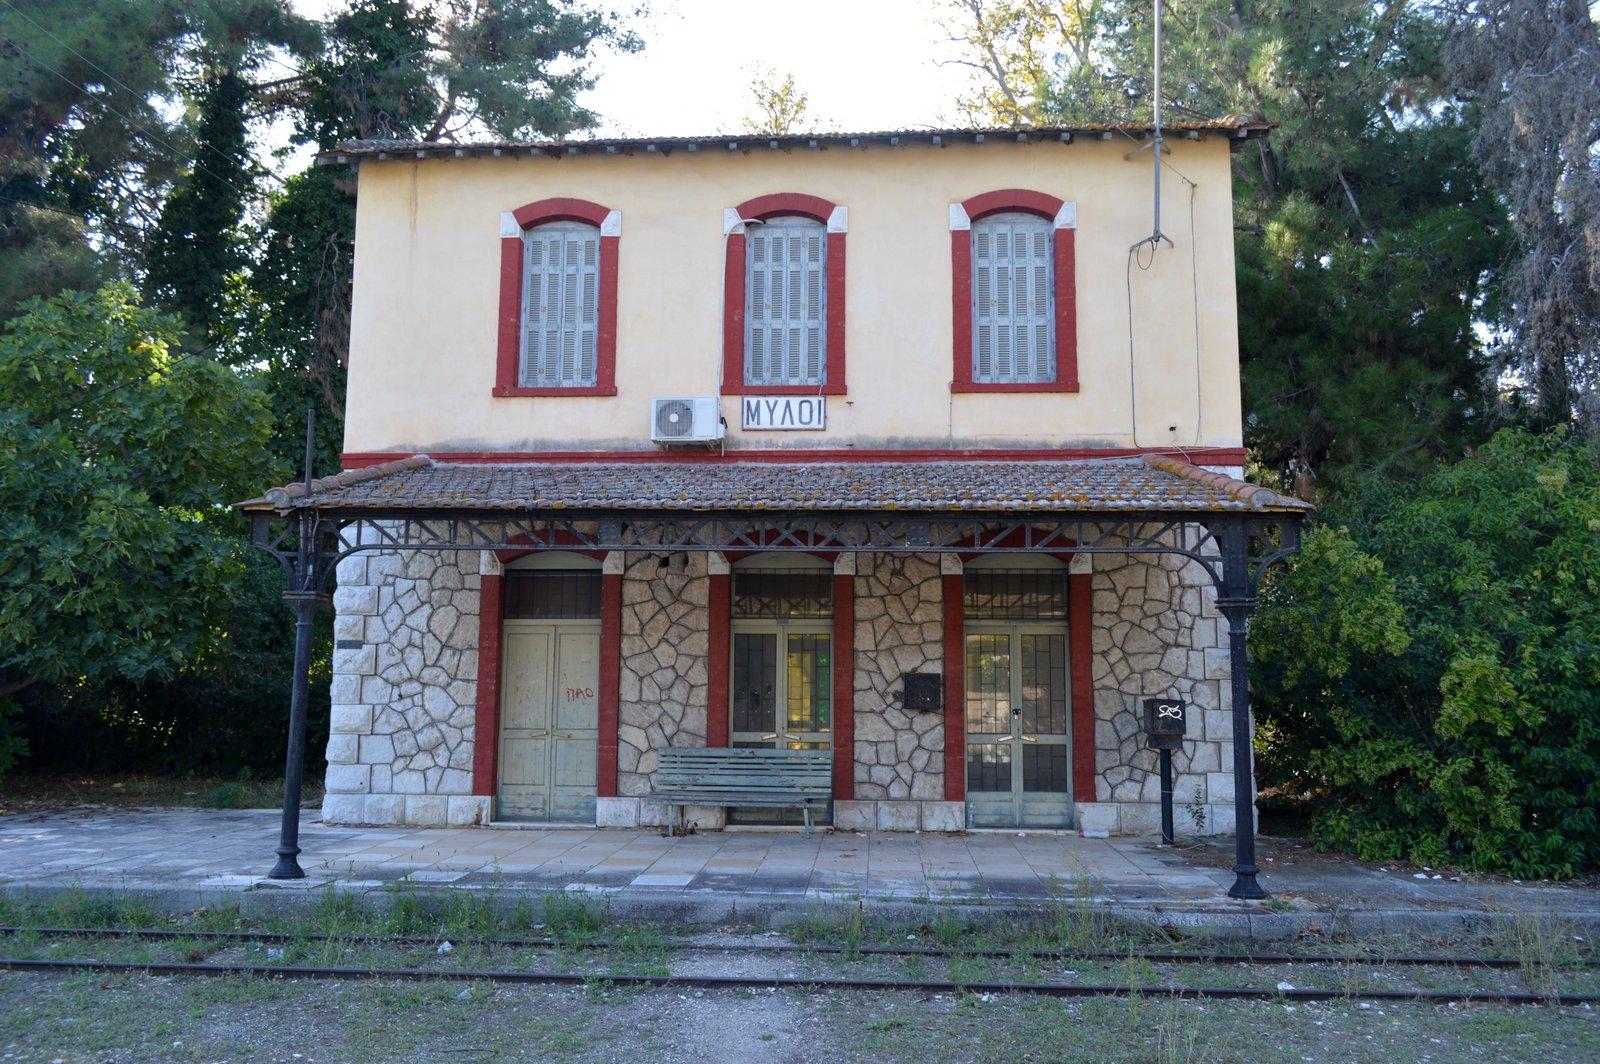 64 myloi station